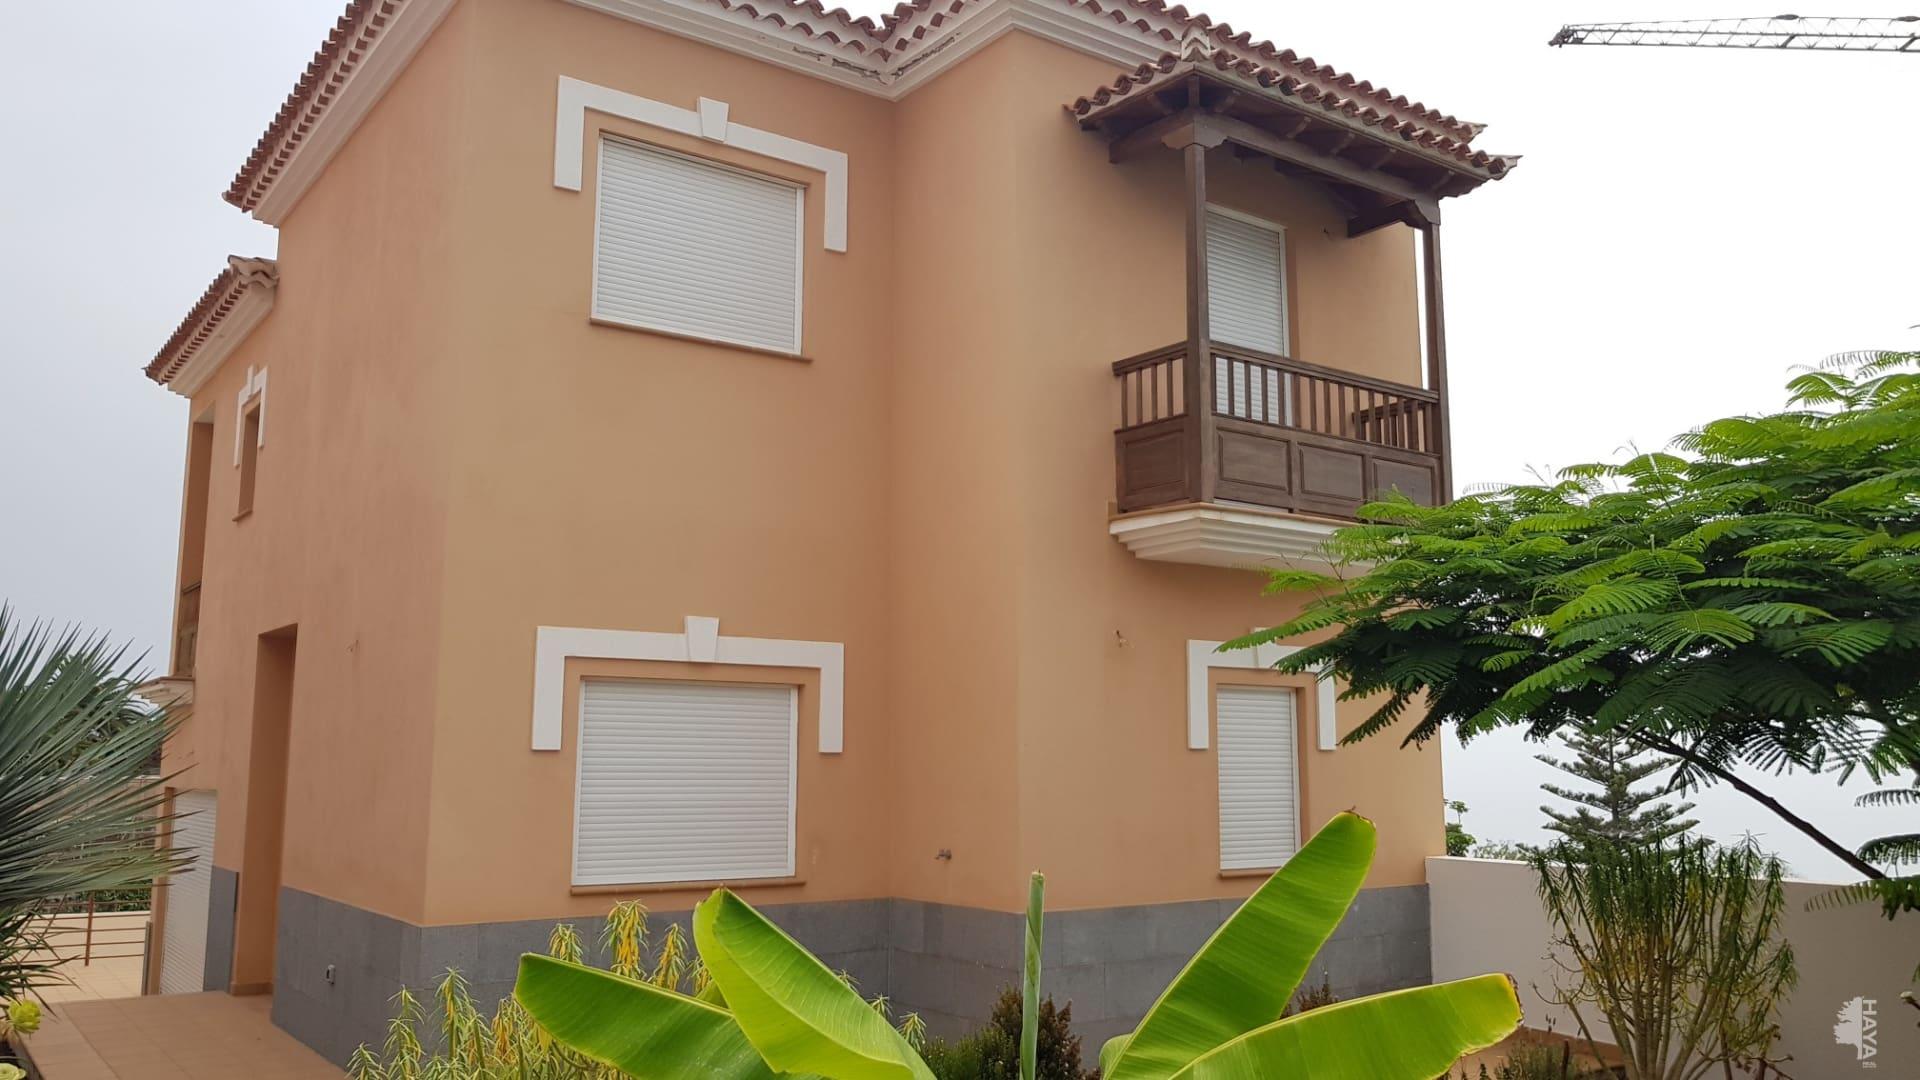 Casa en venta en El Sauzal, españa, Calle Orquidea, 295.000 €, 4 habitaciones, 2 baños, 228 m2